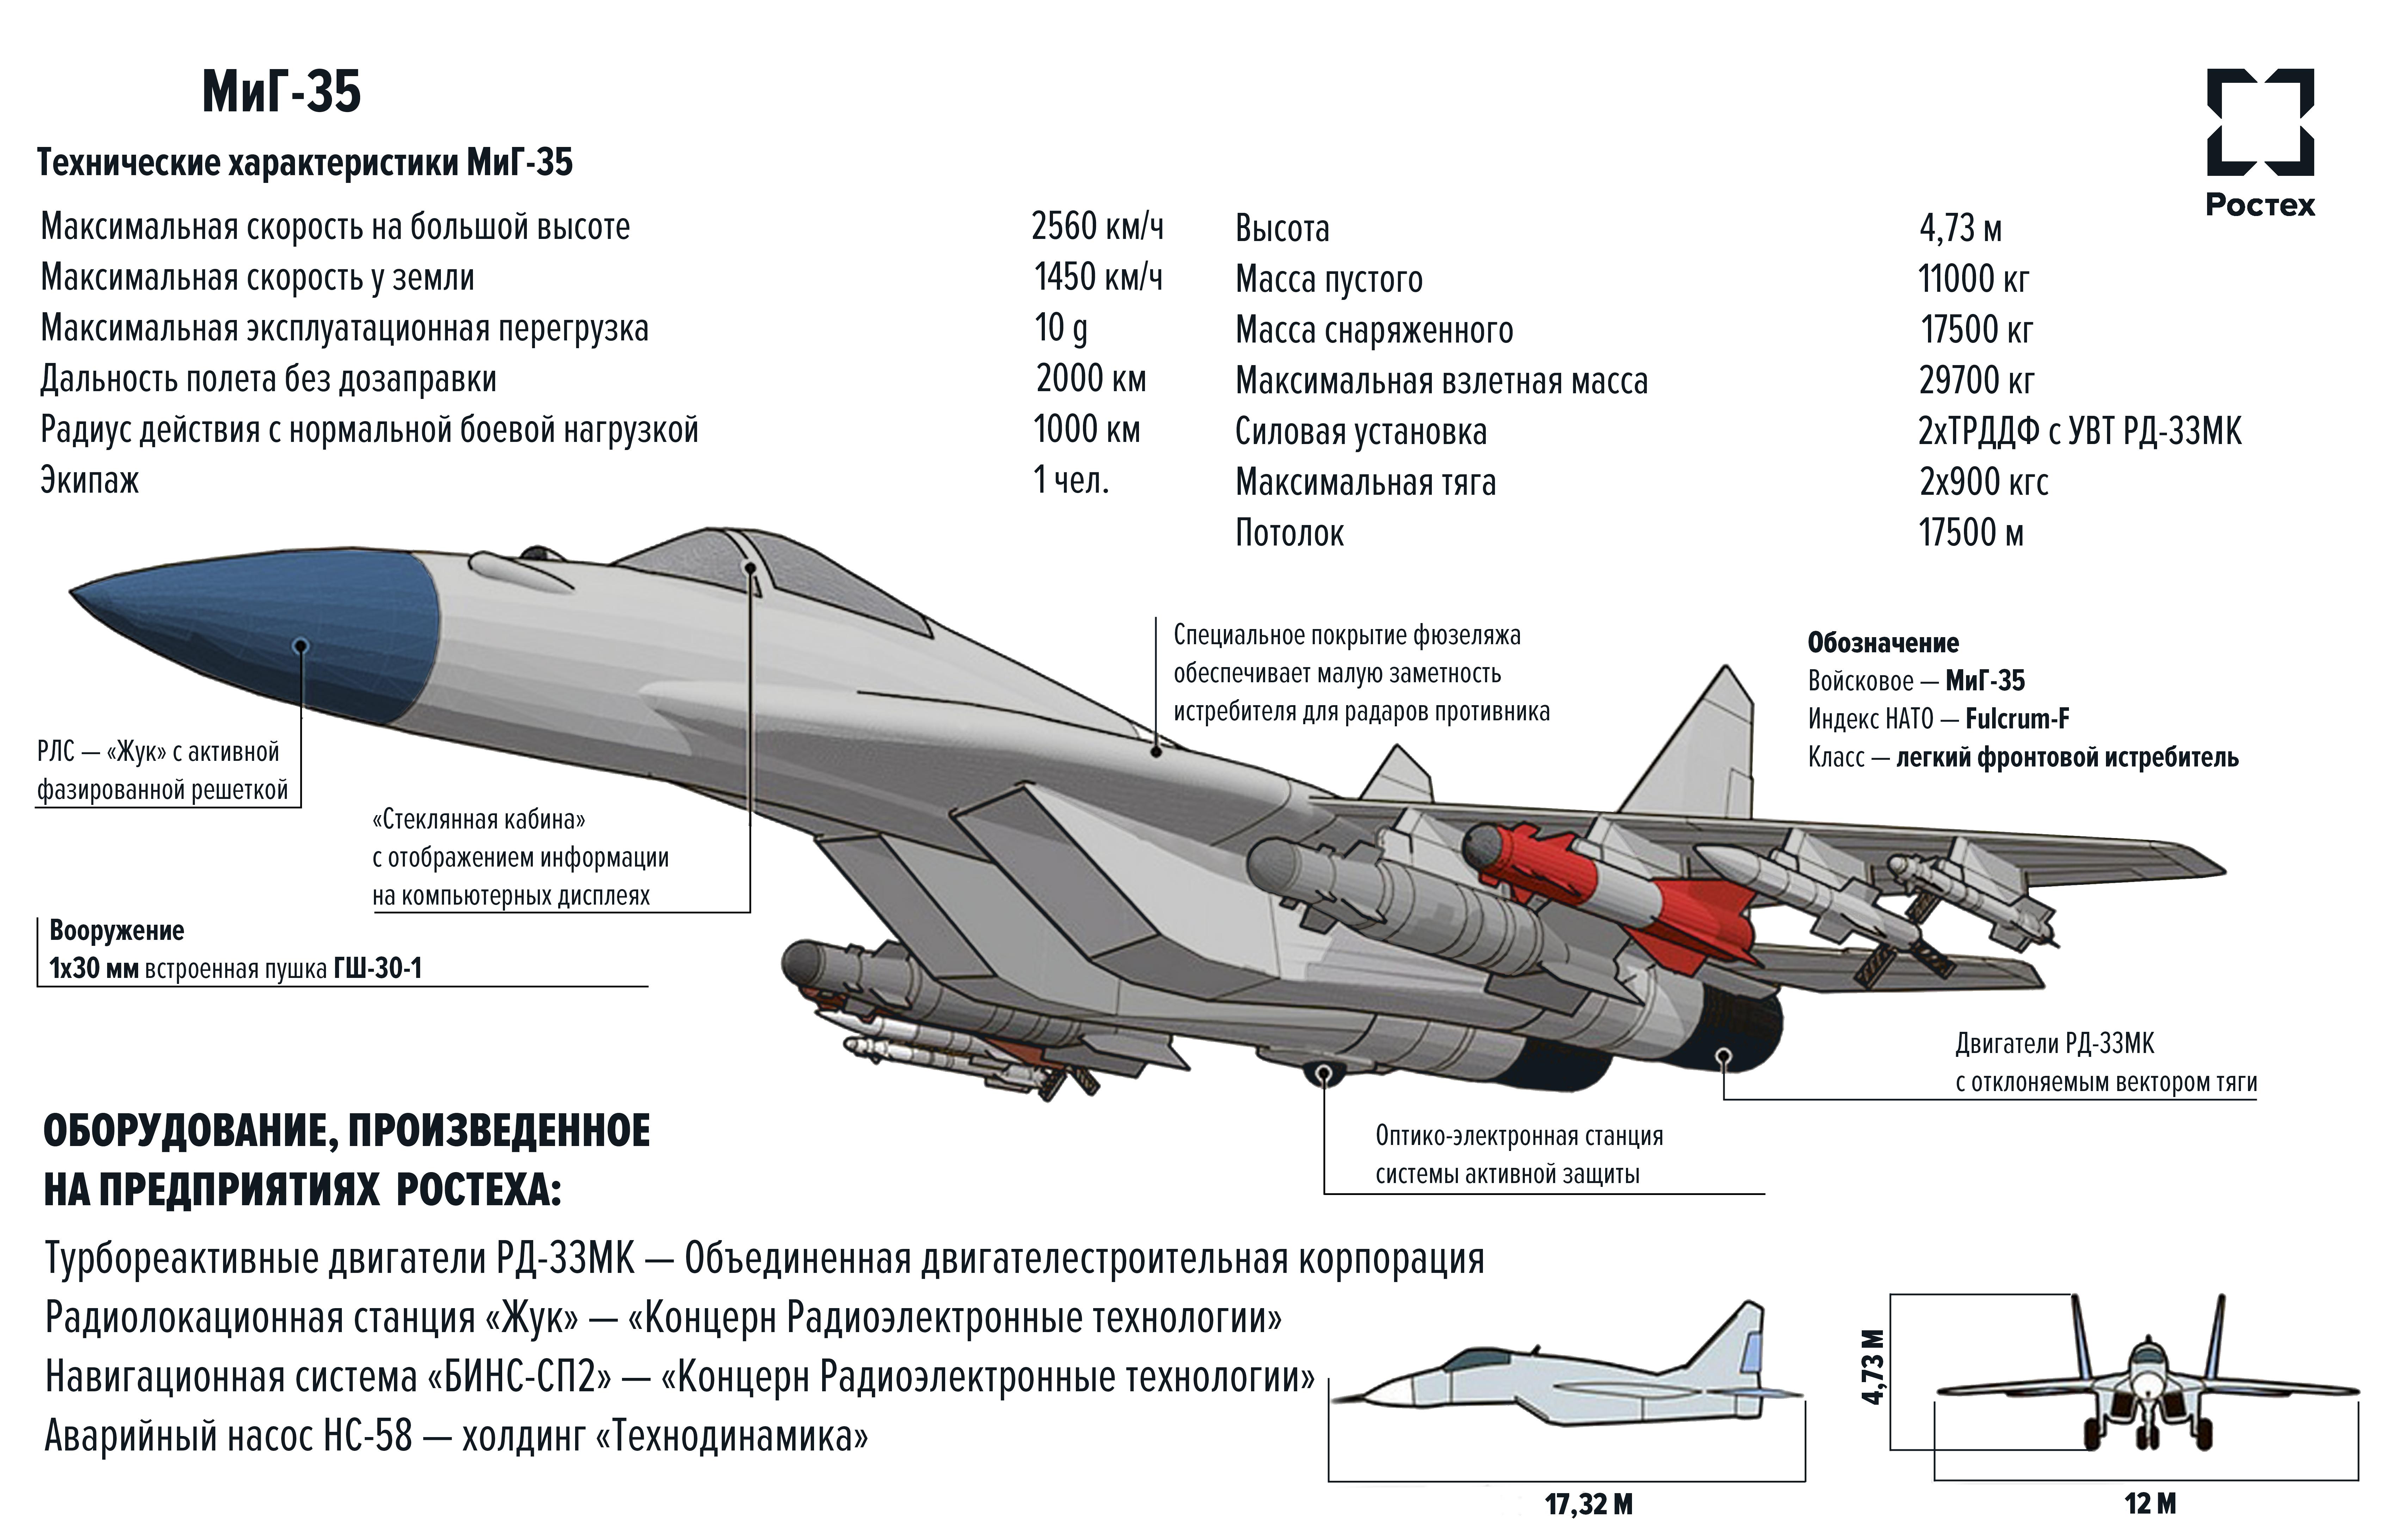 Вертолет Ка-62: история создания, описание и характеристики